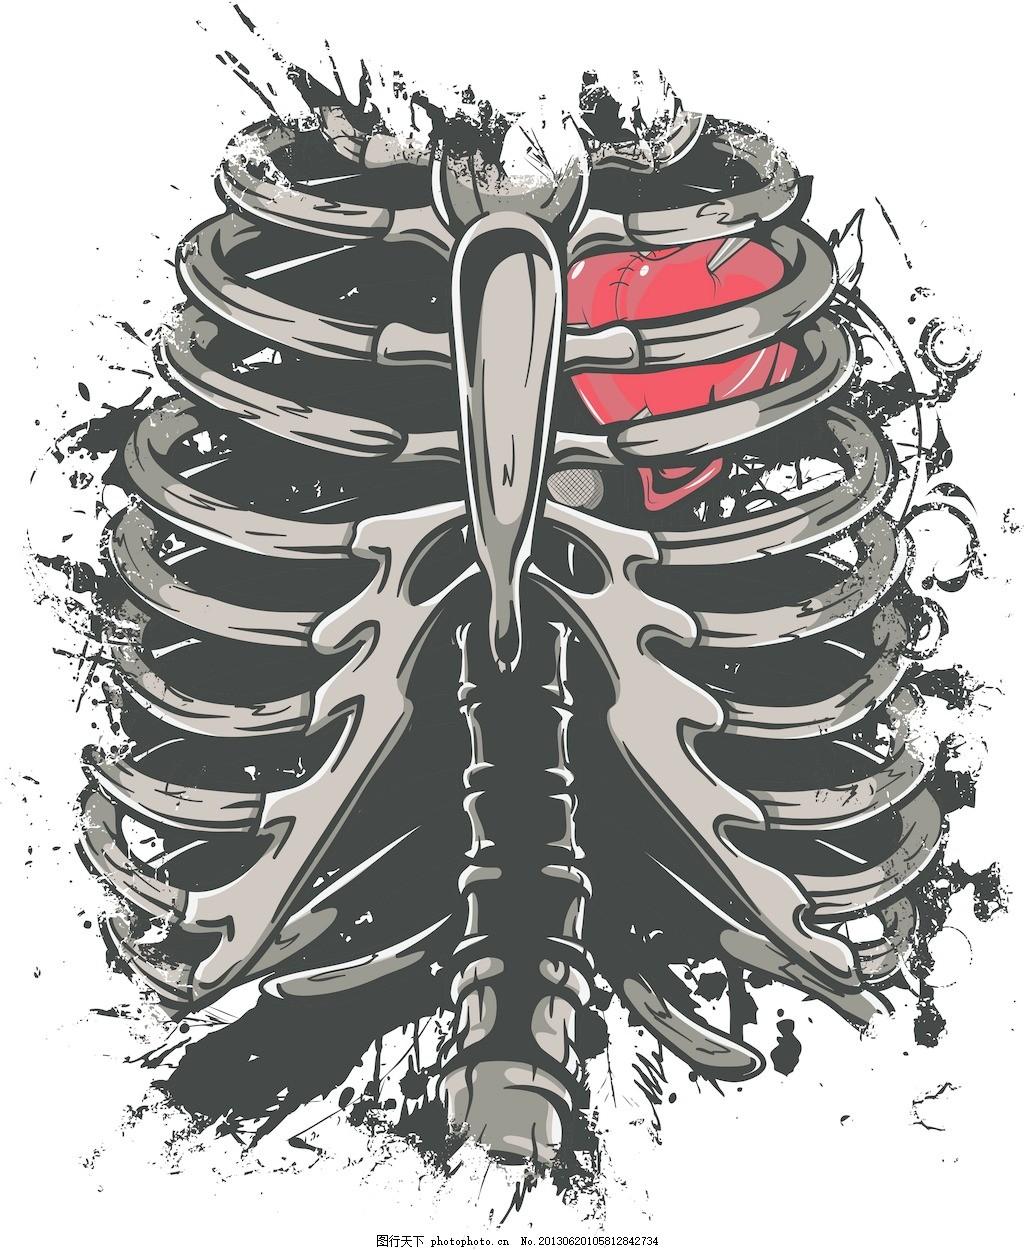 骨架载体t恤设计